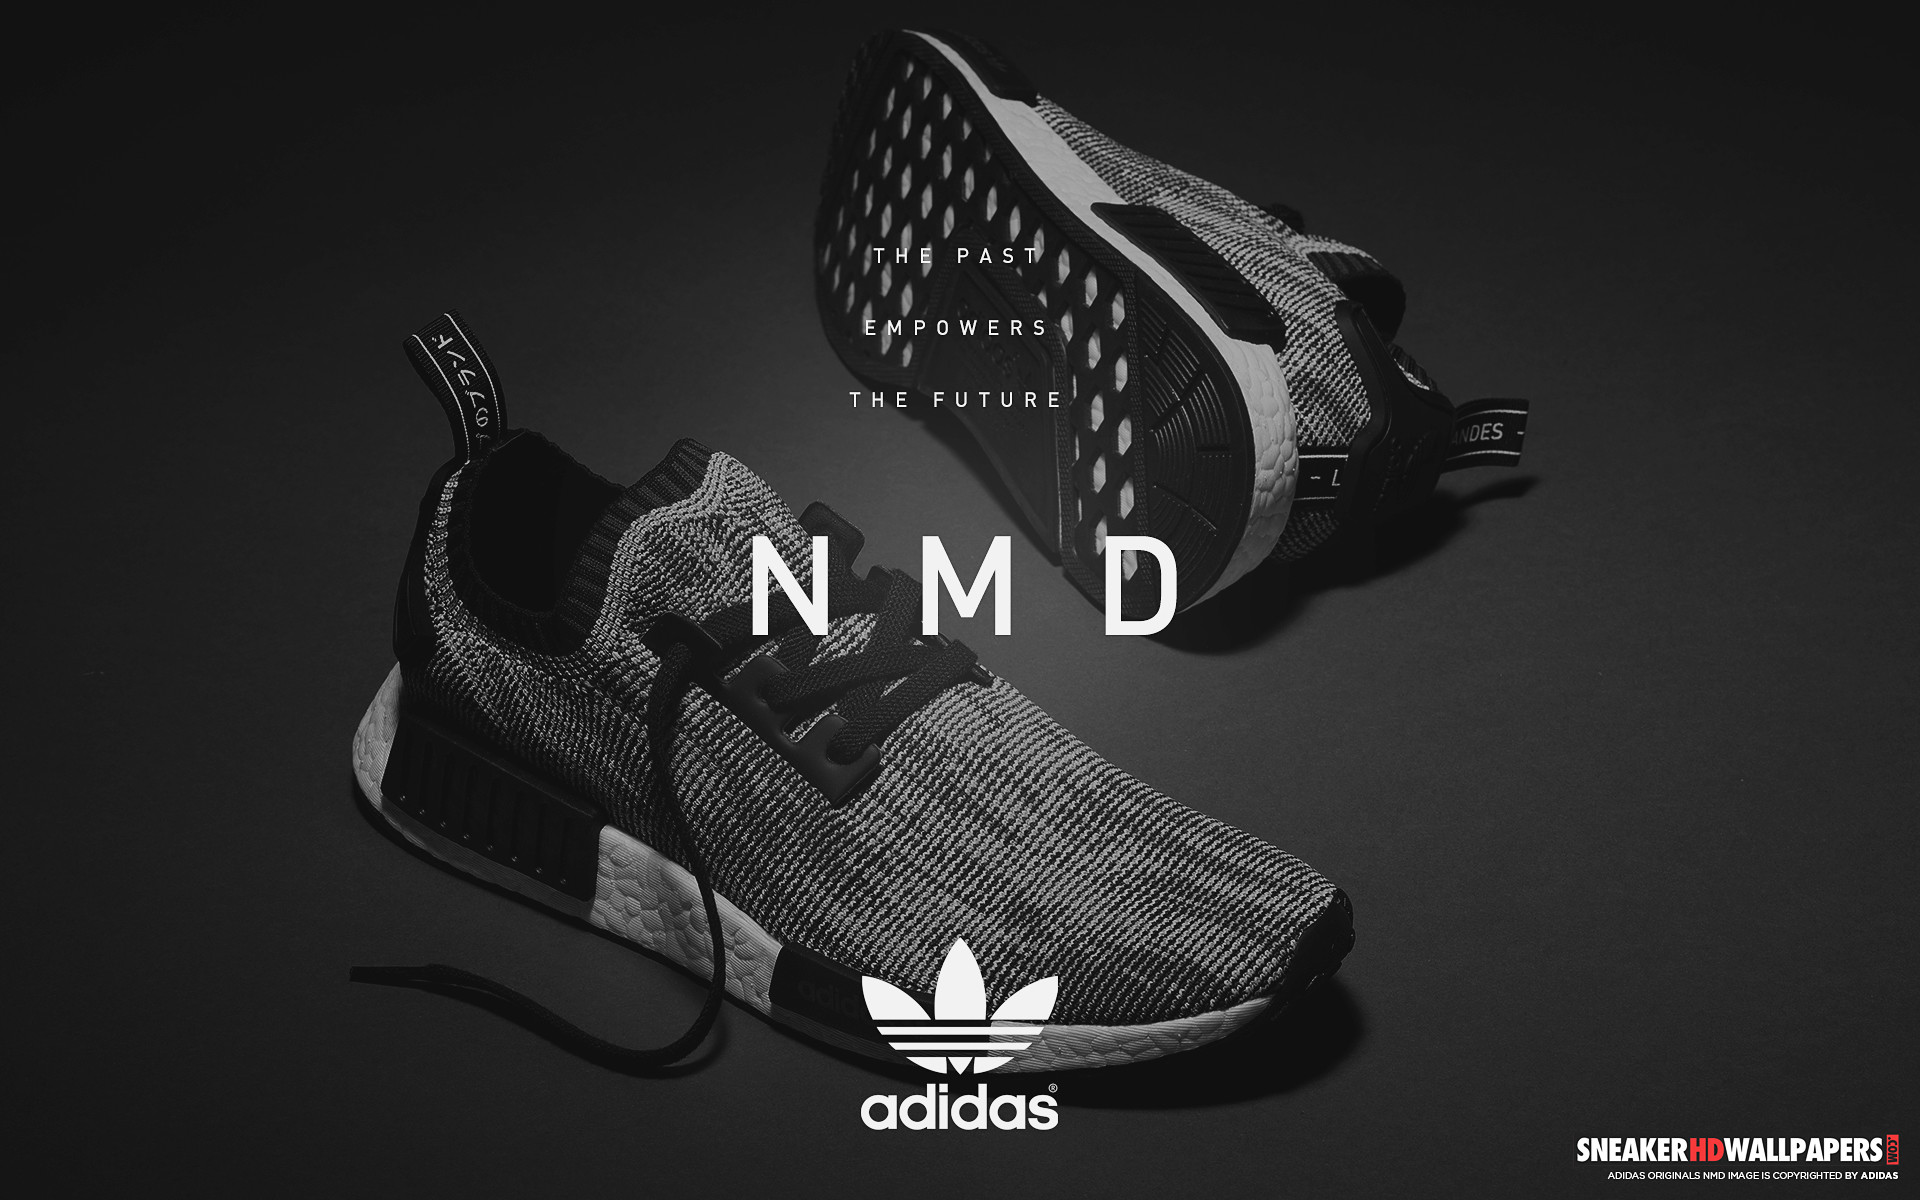 20+] Adidas NMD Wallpapers on WallpaperSafari